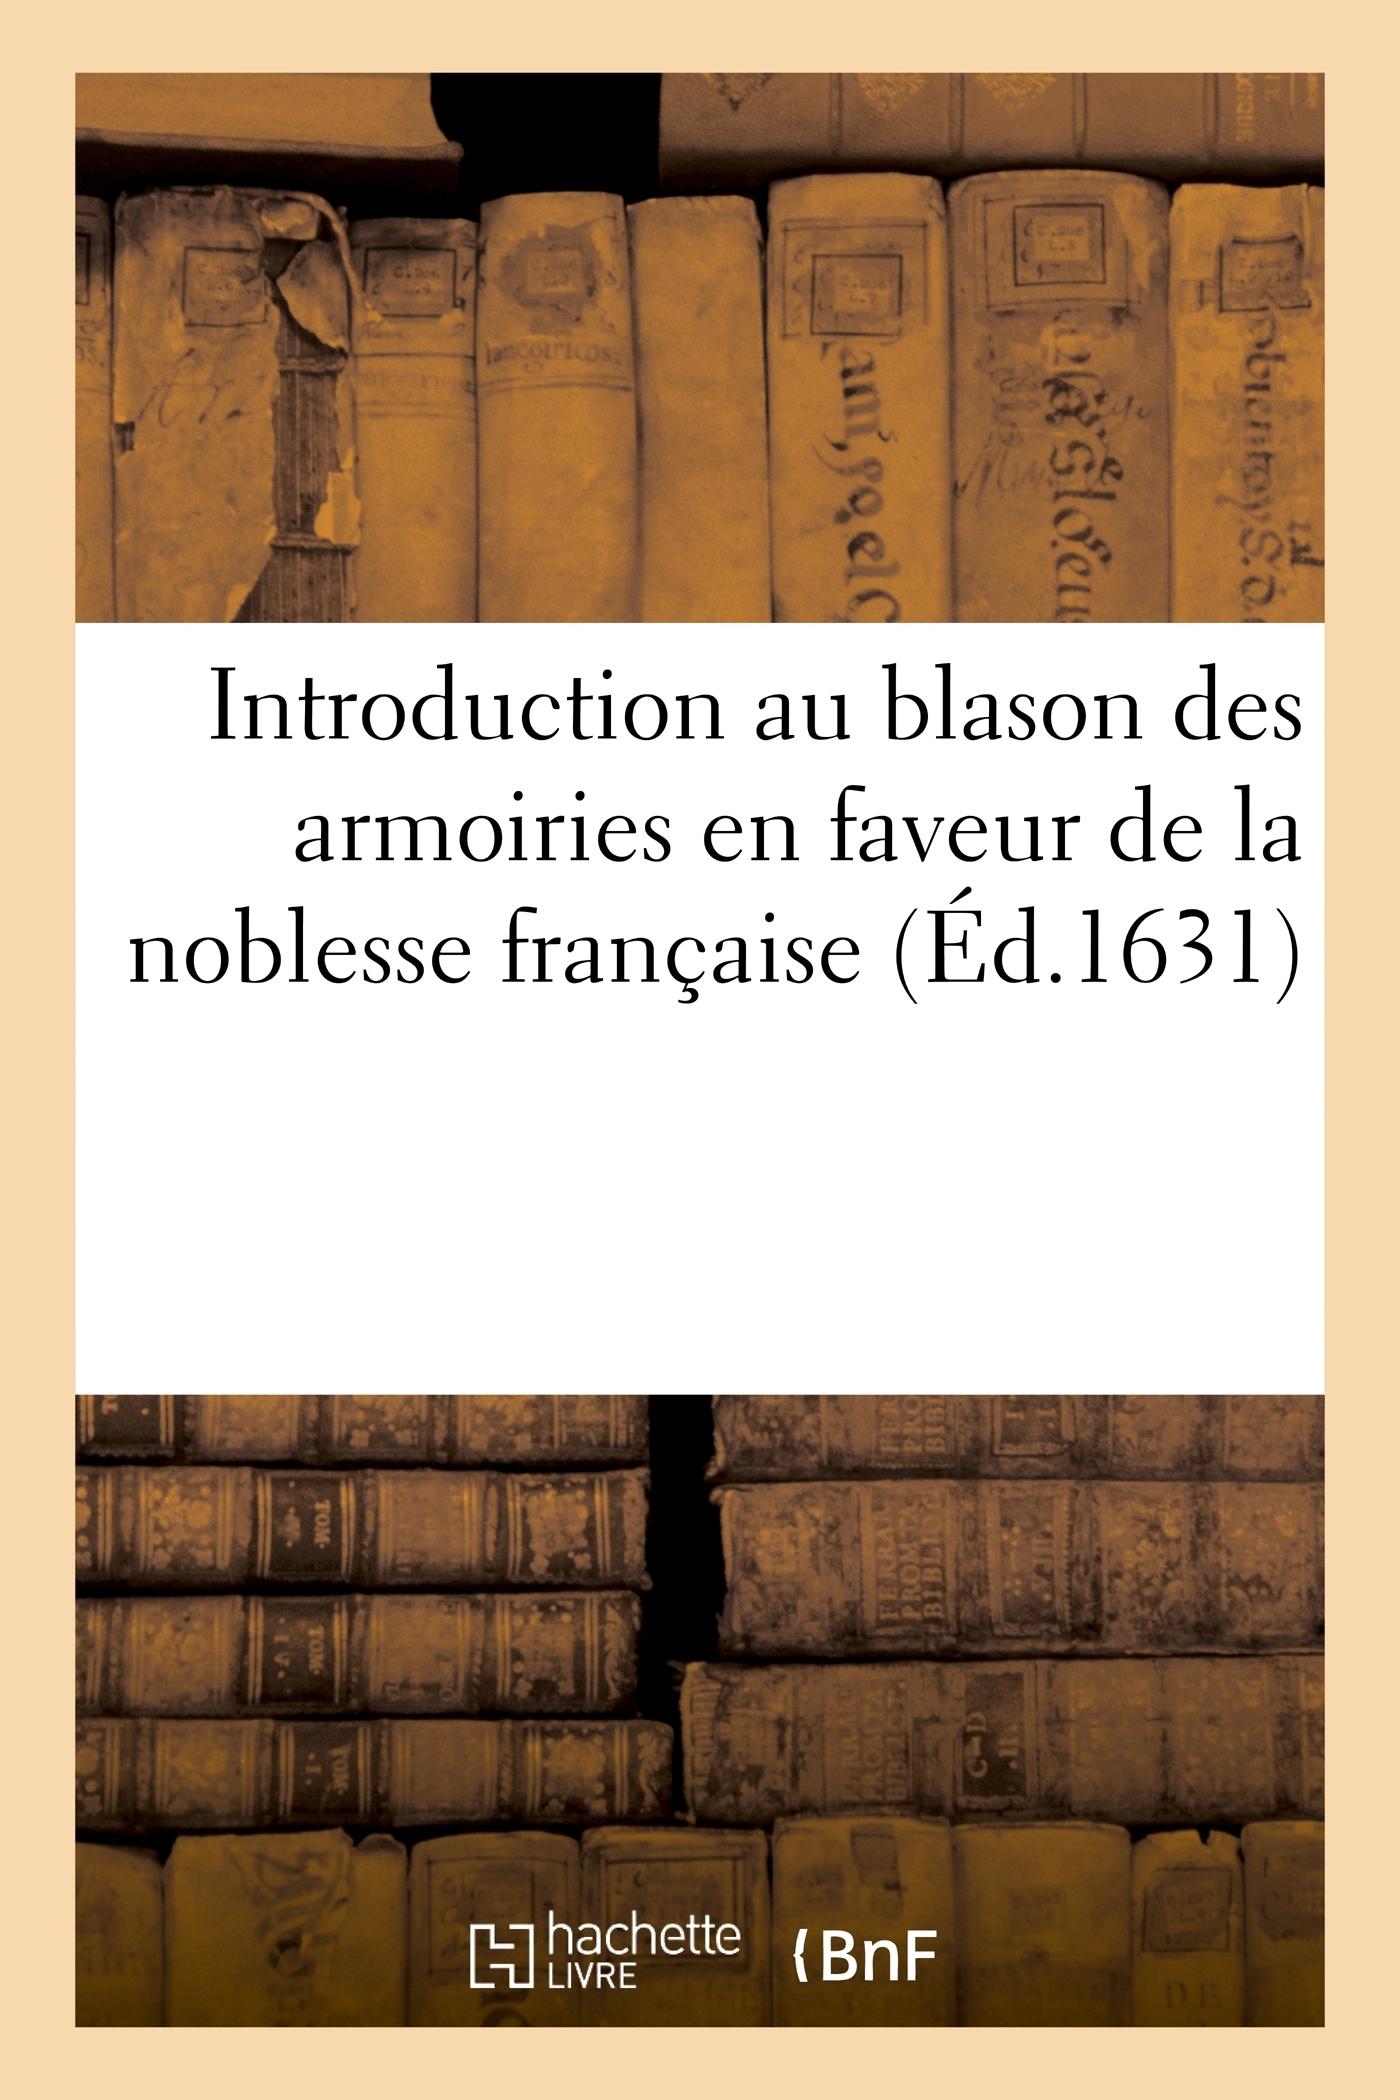 INTRODUCTION AU BLASON DES ARMOIRIES EN FAVEUR DE LA NOBLESSE FRANCAISE AVEC LES ARMES - DE PLUSIEUR